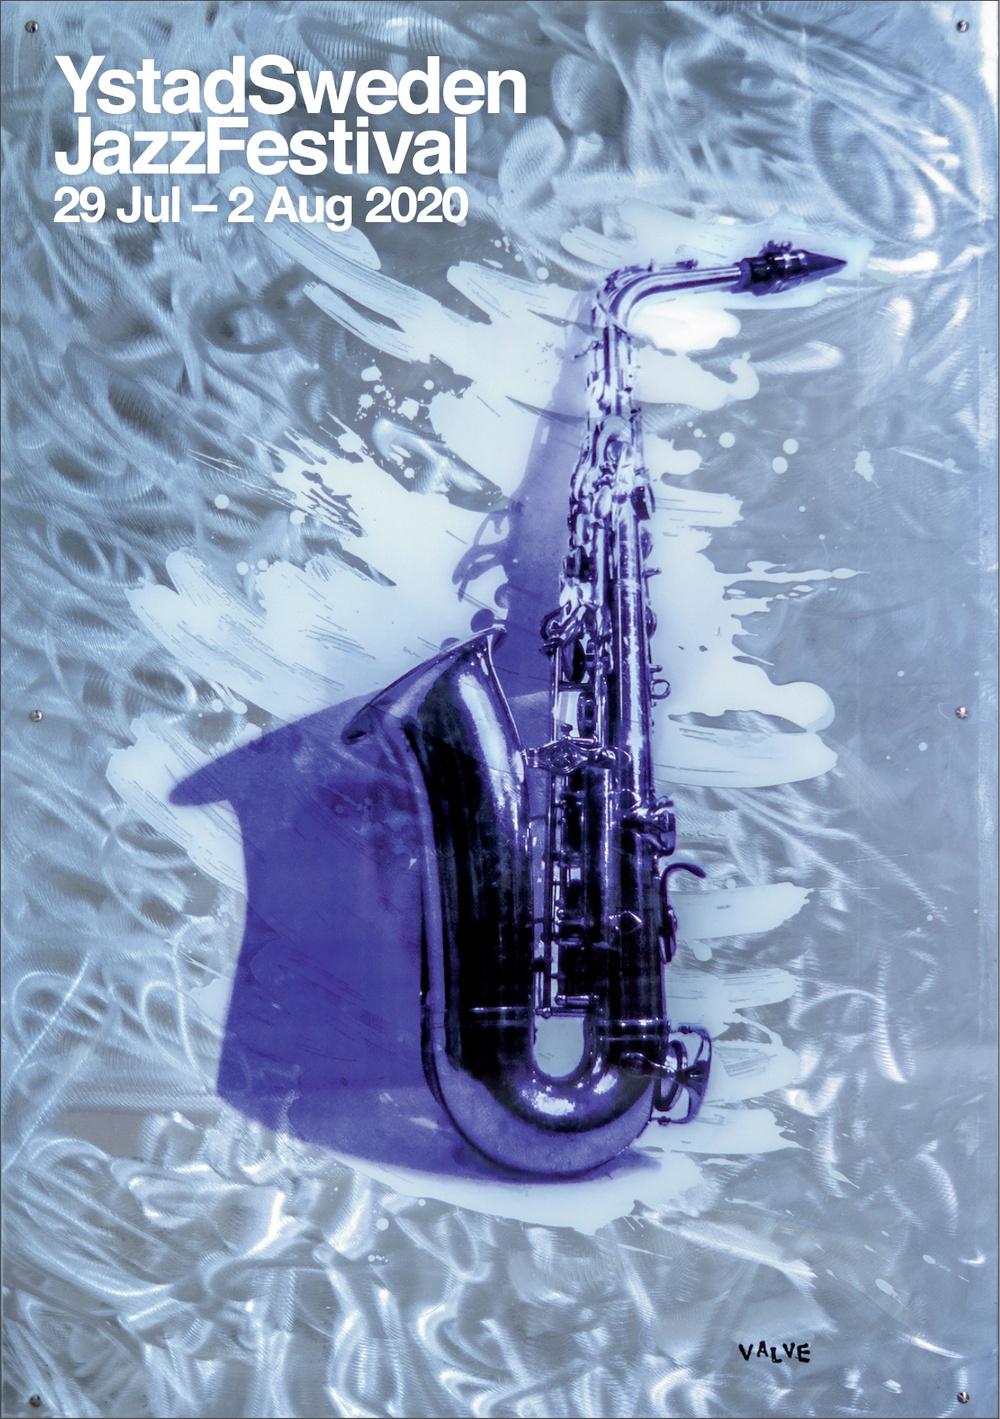 Officiell affisch för Ystad Sweden Jazz Festival 2020